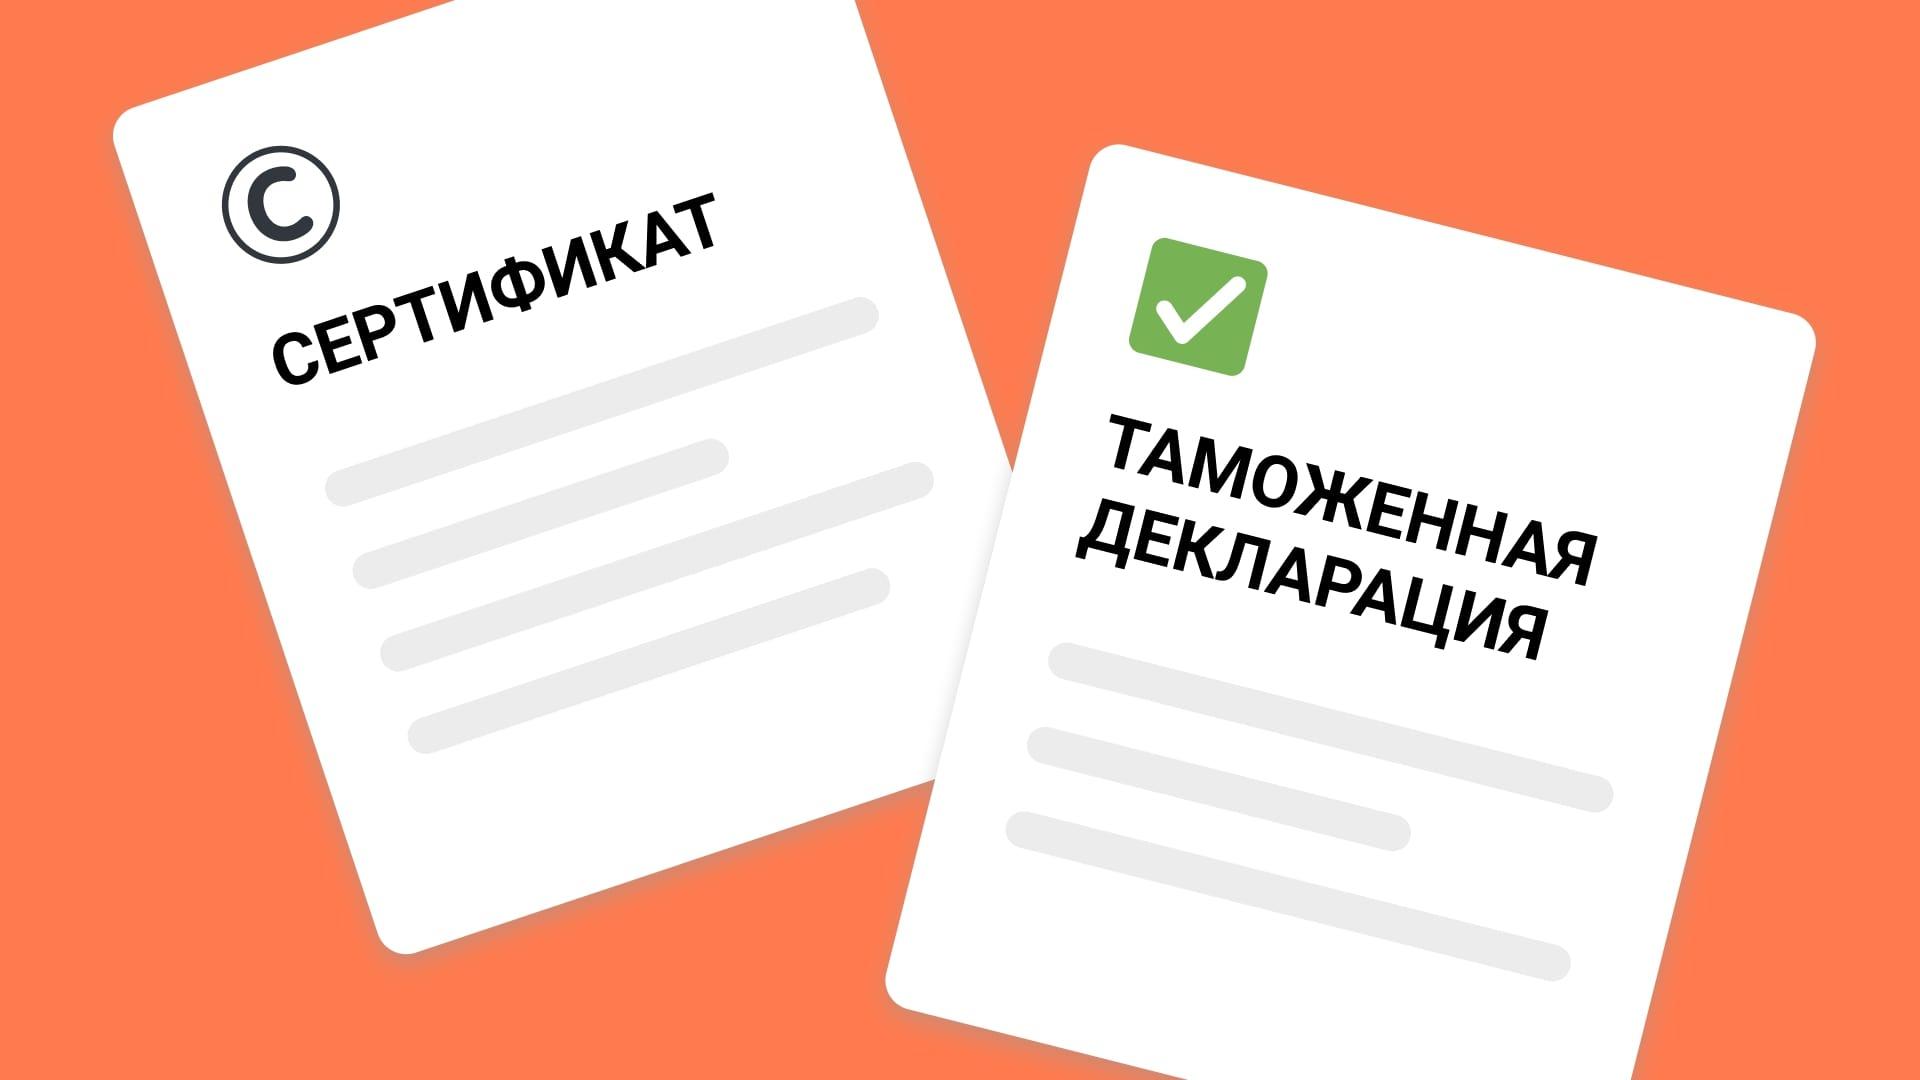 иллюстрация с примером сертификата и декларации таможенной